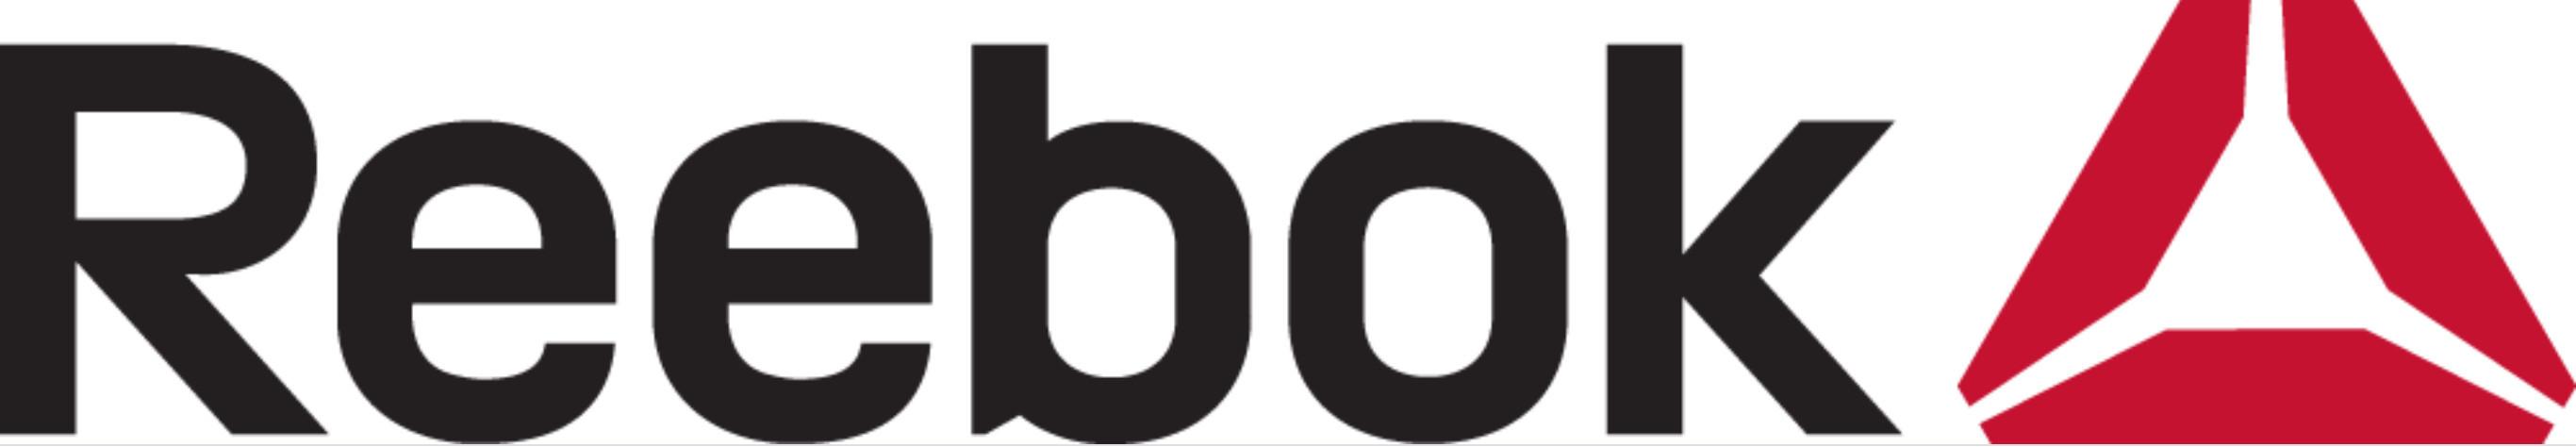 Reebok Models